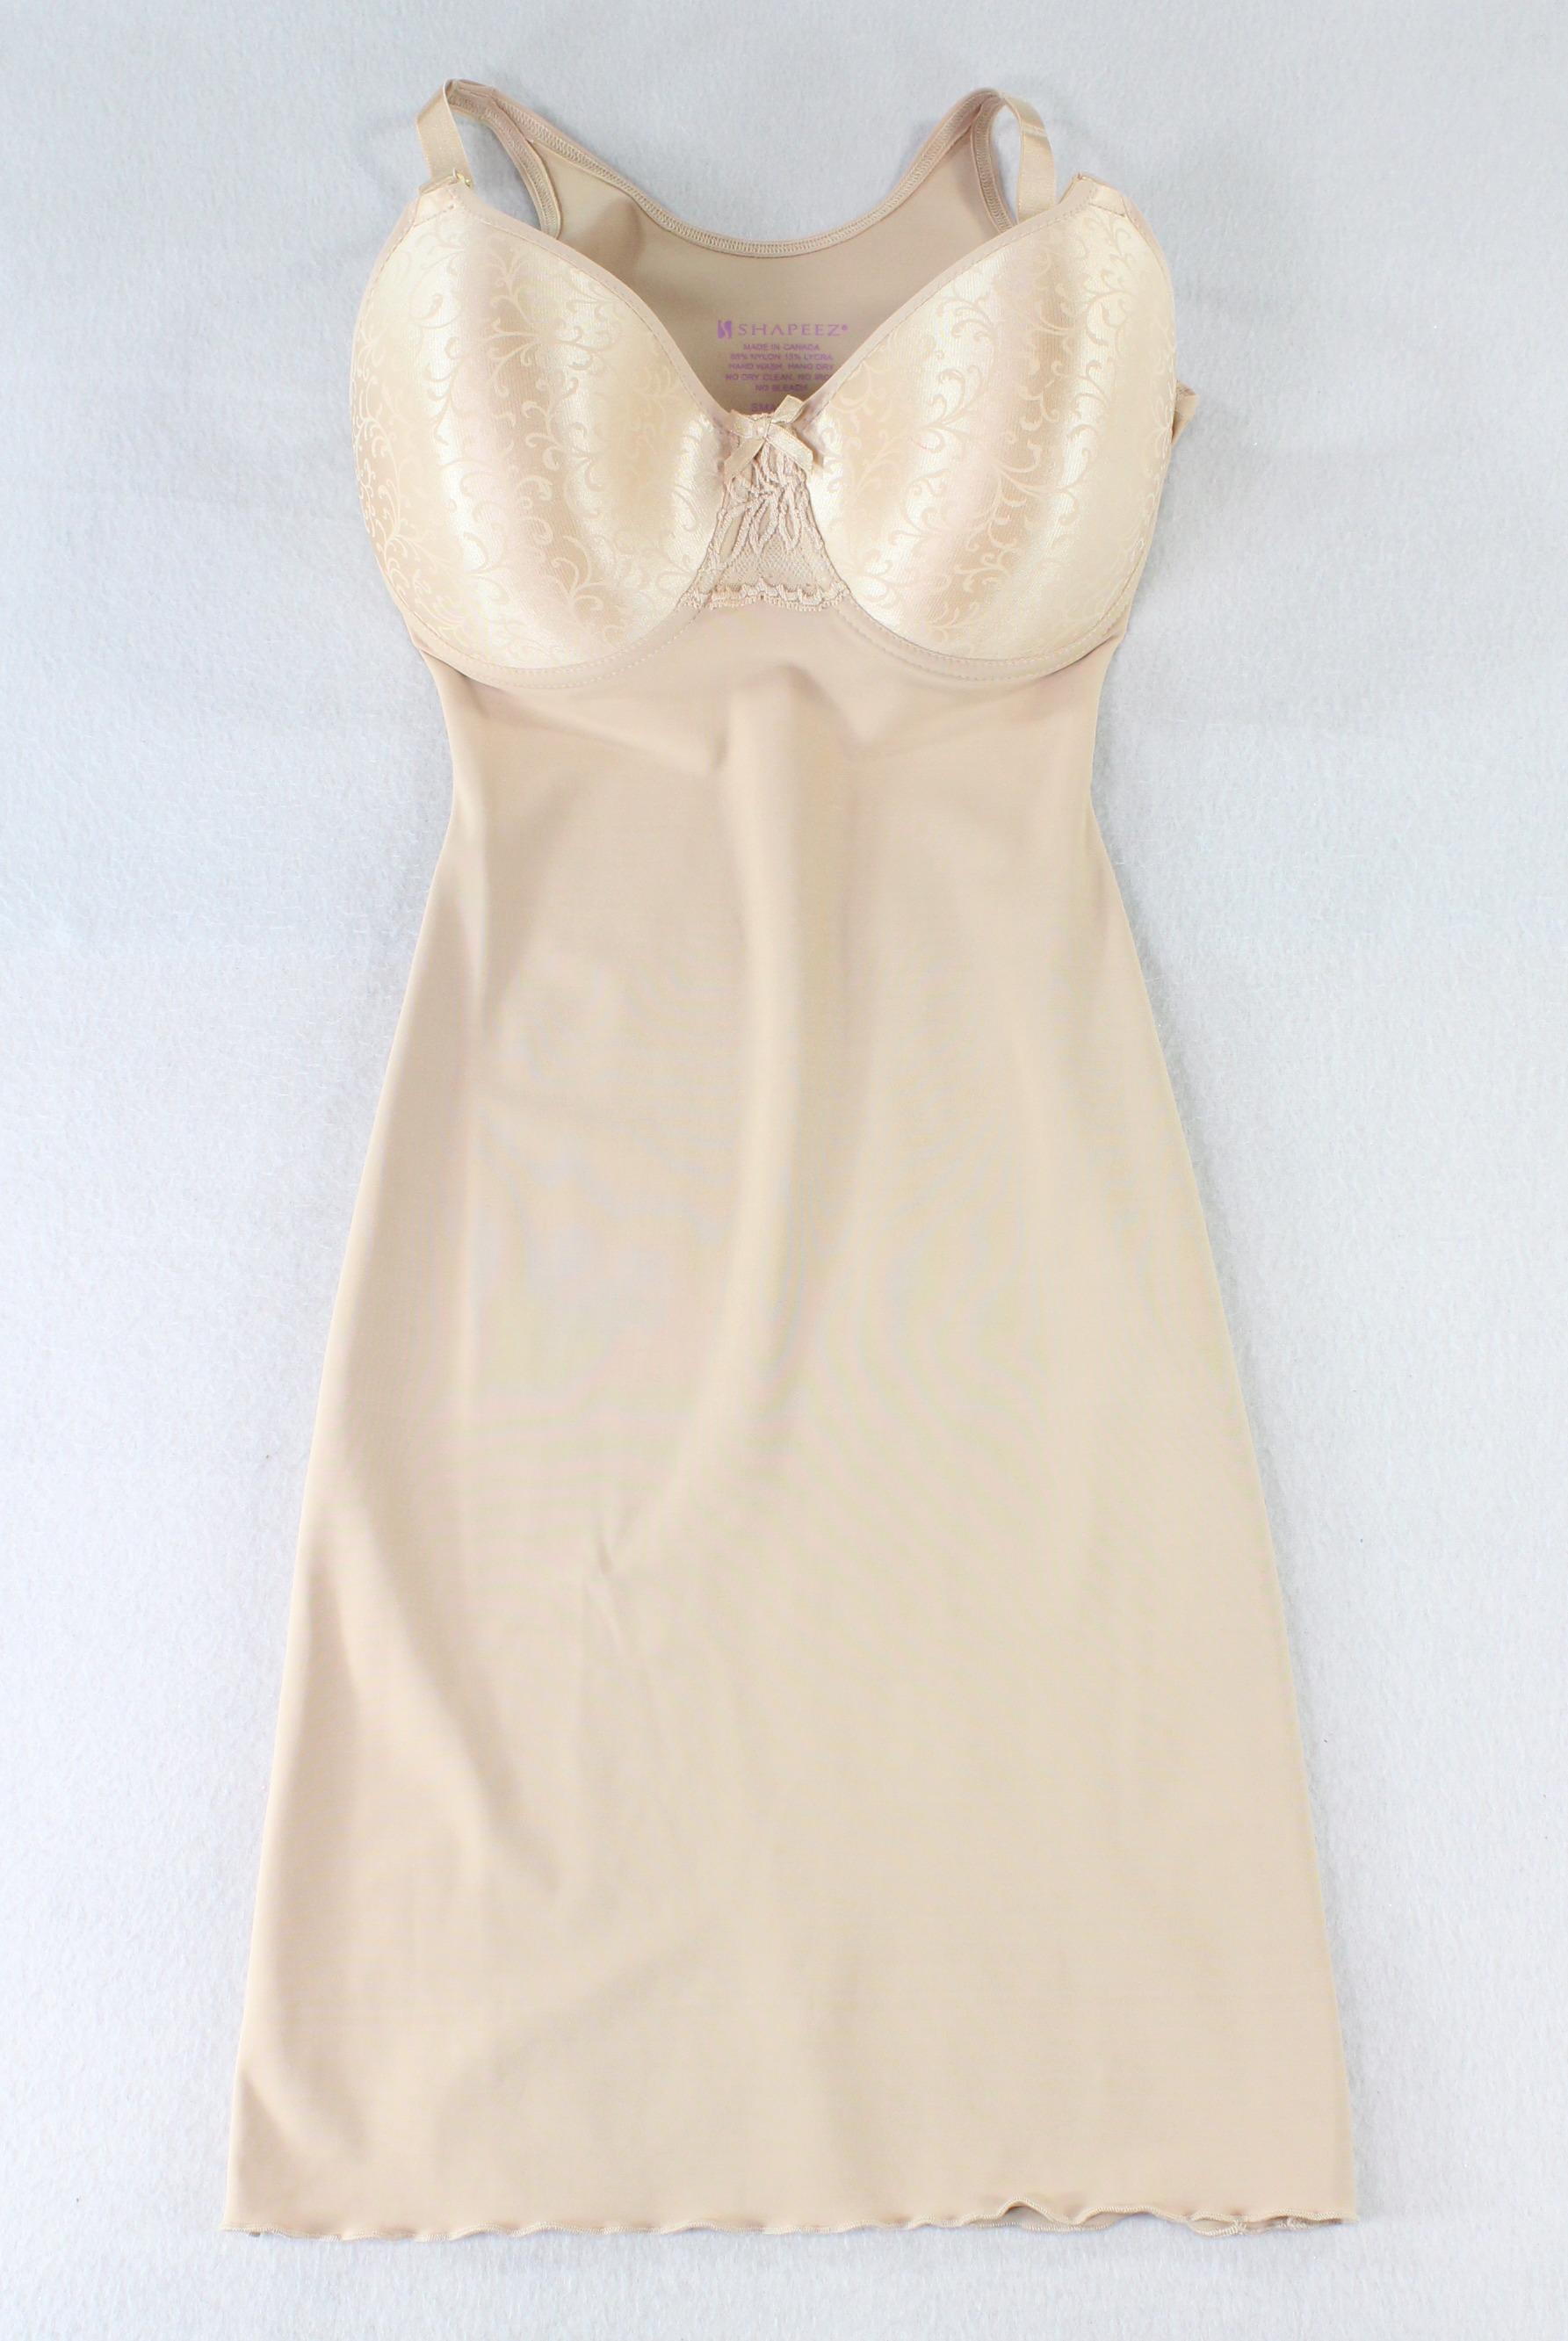 2856688020 Shapeez - Shapeez NEW Beige Women s Size Small S DD Shaping Tops ...